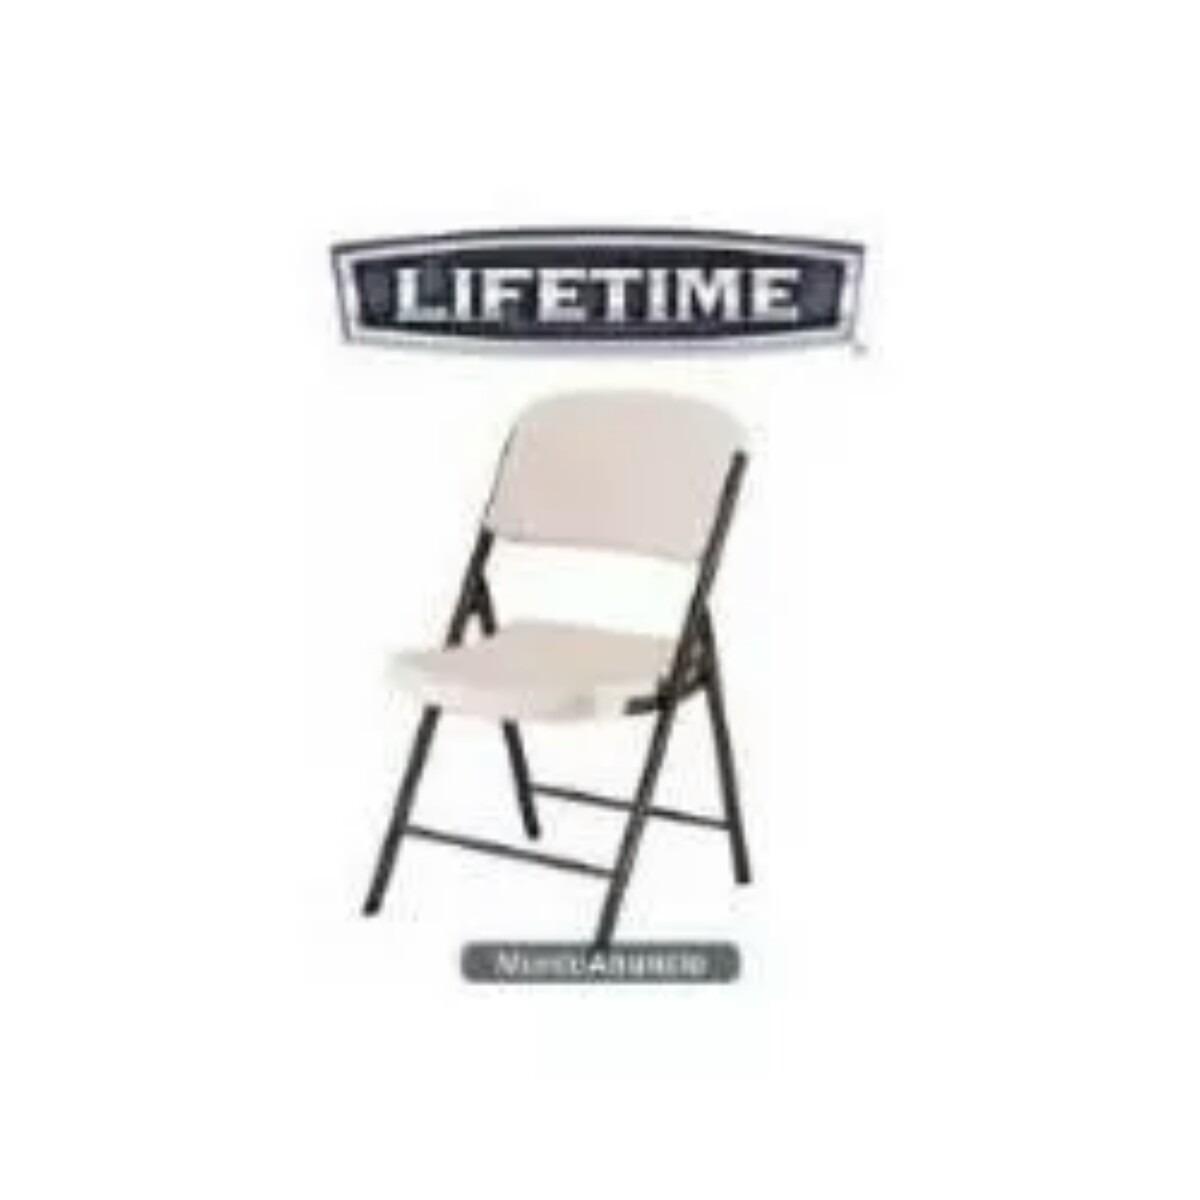 Silla Plegable De Plastico Lifetime   69900 en Mercado